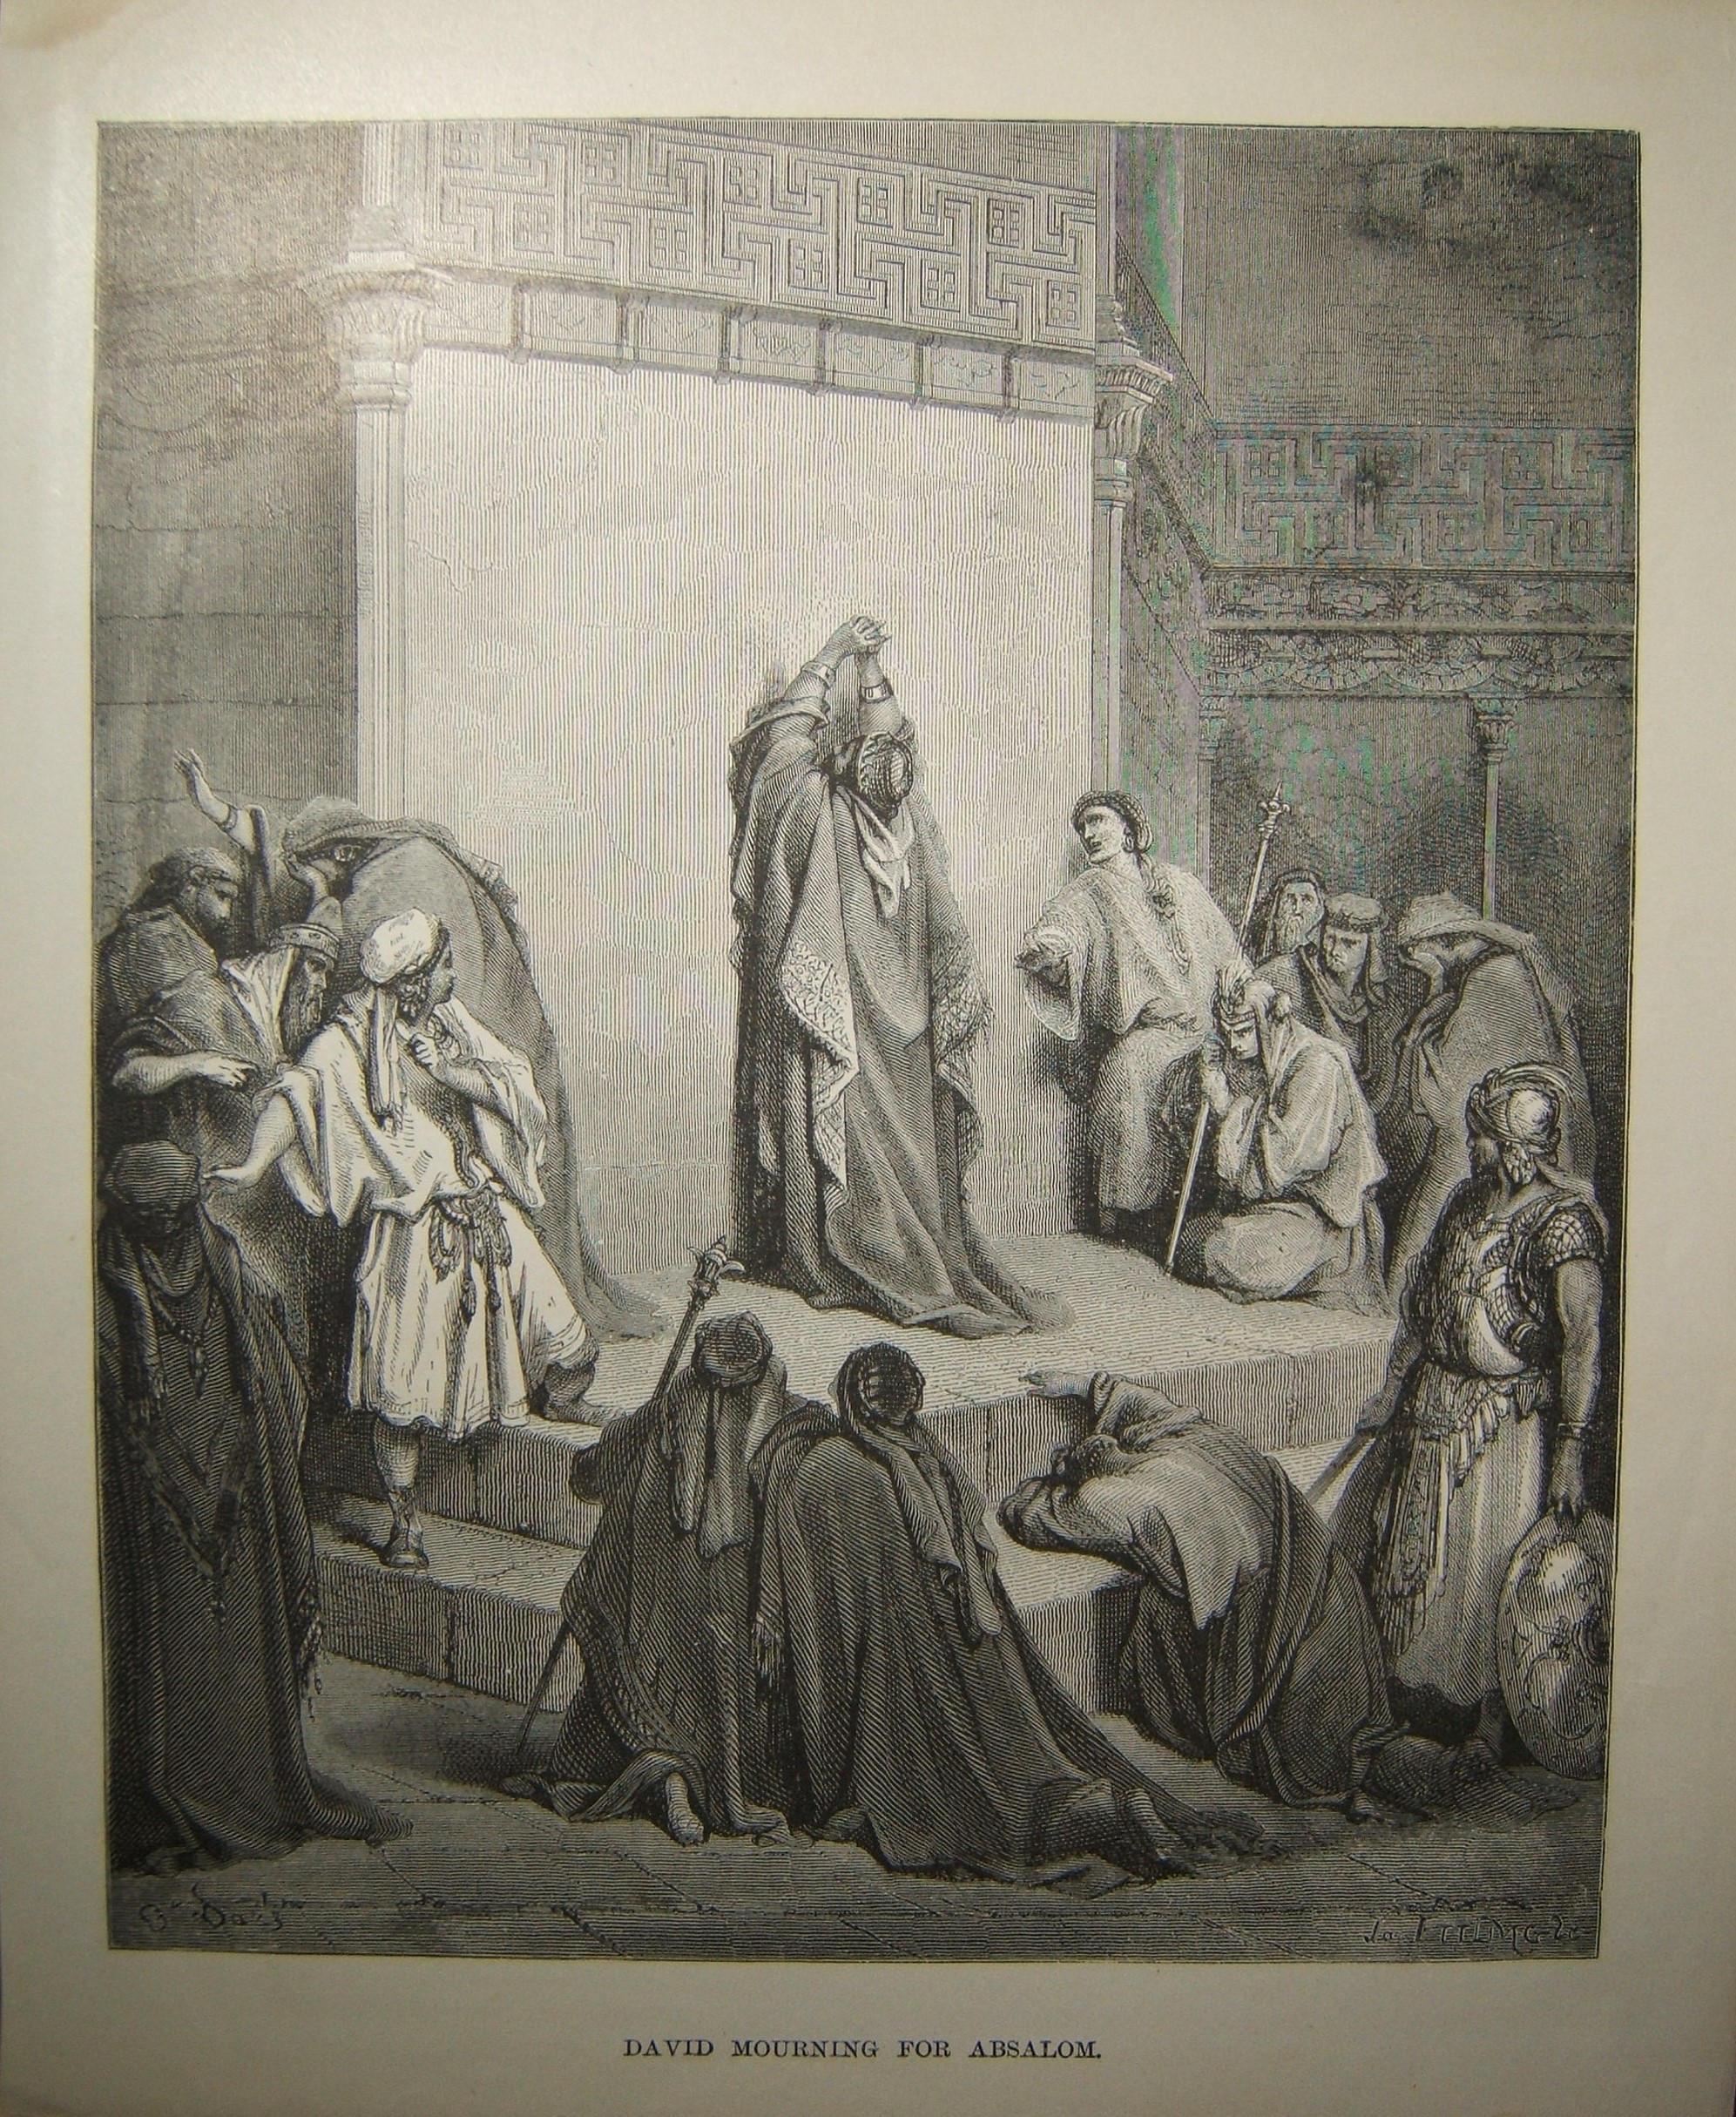 יודאיקה הדפסה מקראית דוד מורנינג לאבשלום מאת גוסטב דורא המאה ה -19